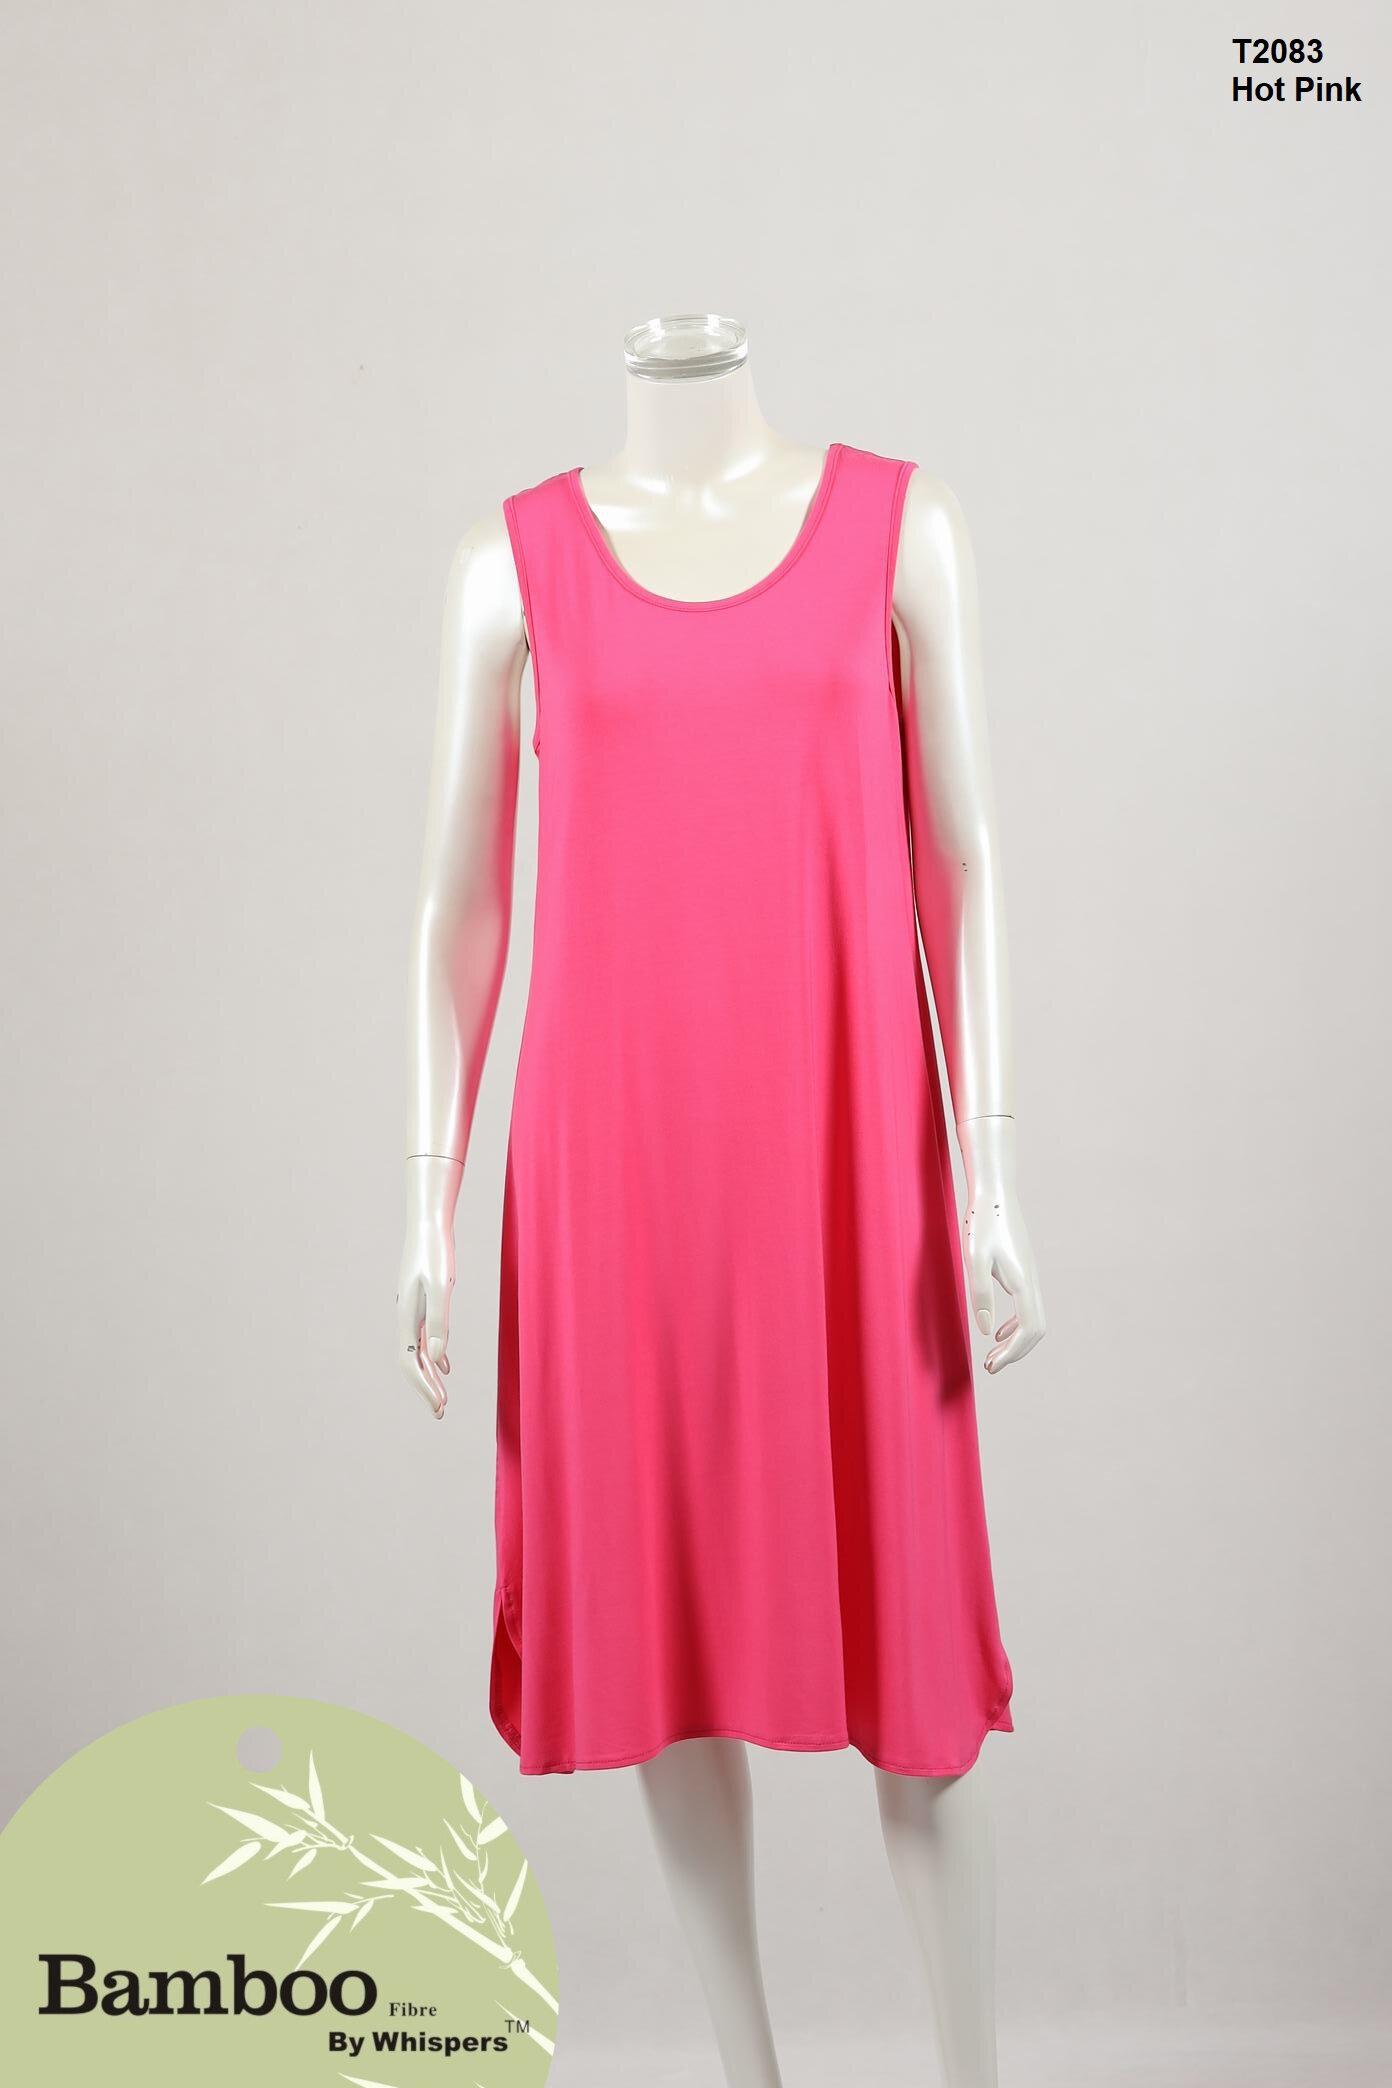 T2083-Bamboo Dress-Hot Pink.JPG